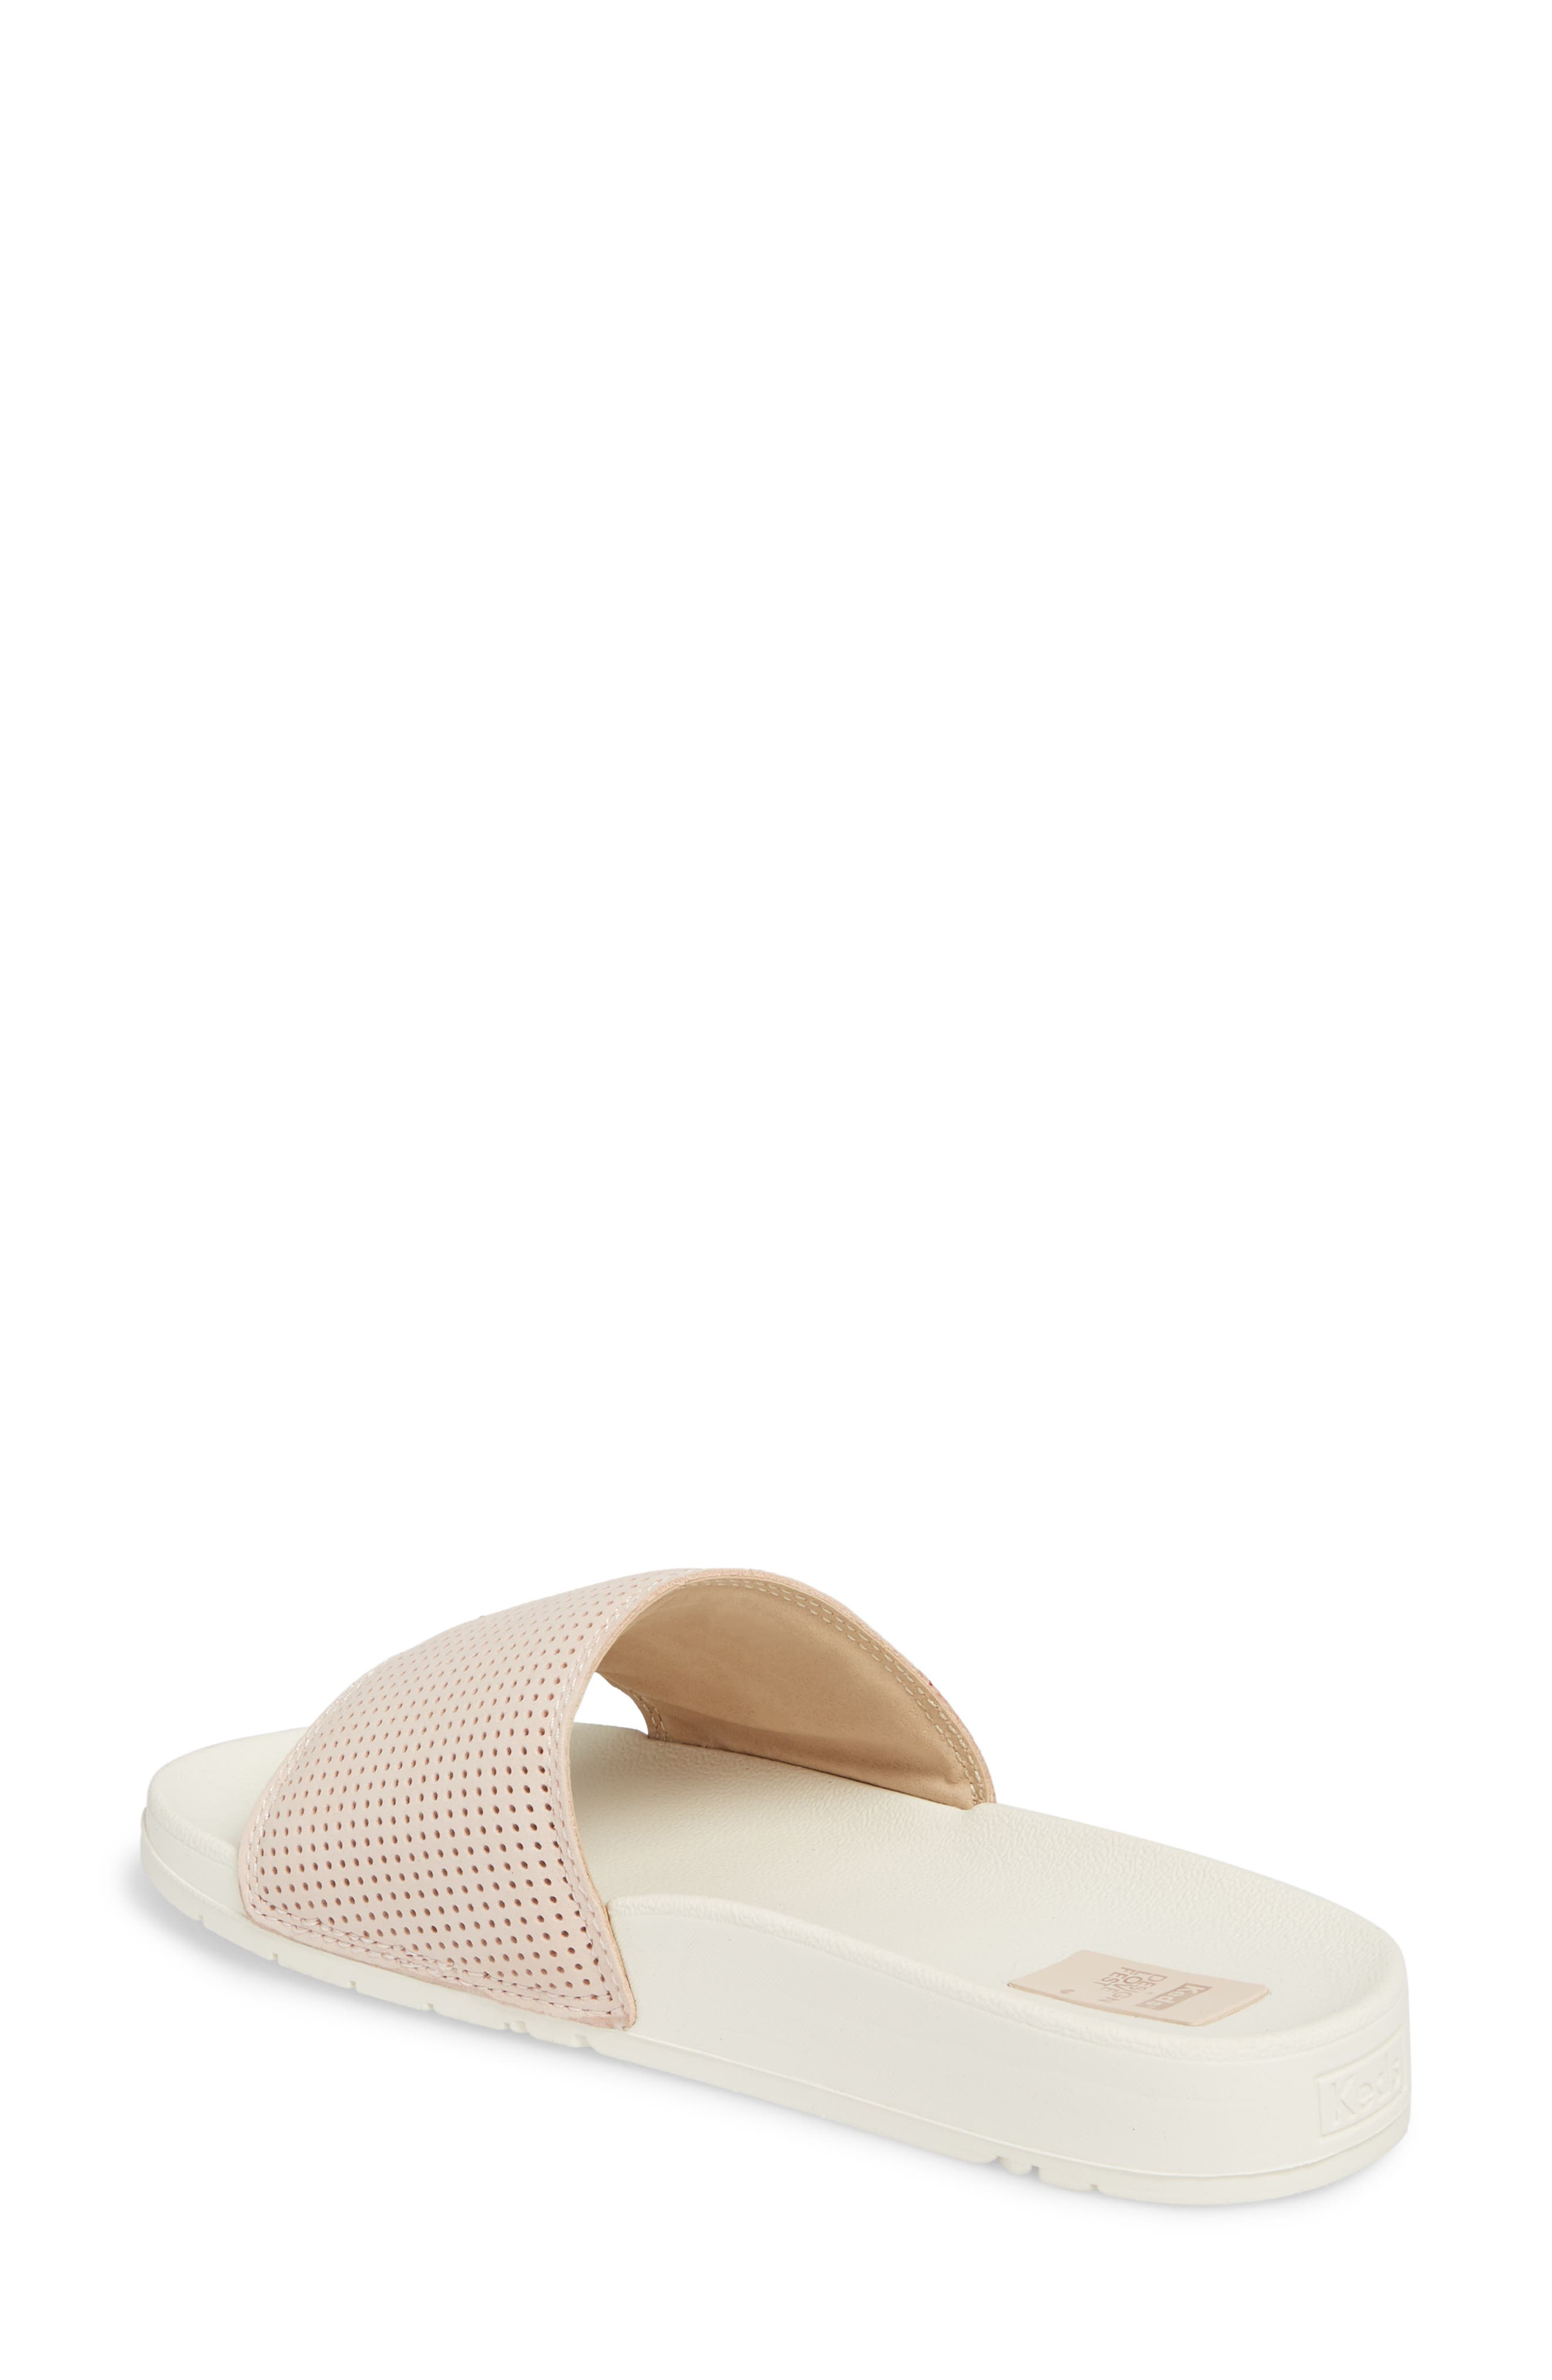 x Designlovefest Bliss Slide Sandal,                             Alternate thumbnail 2, color,                             Blush/ Cream